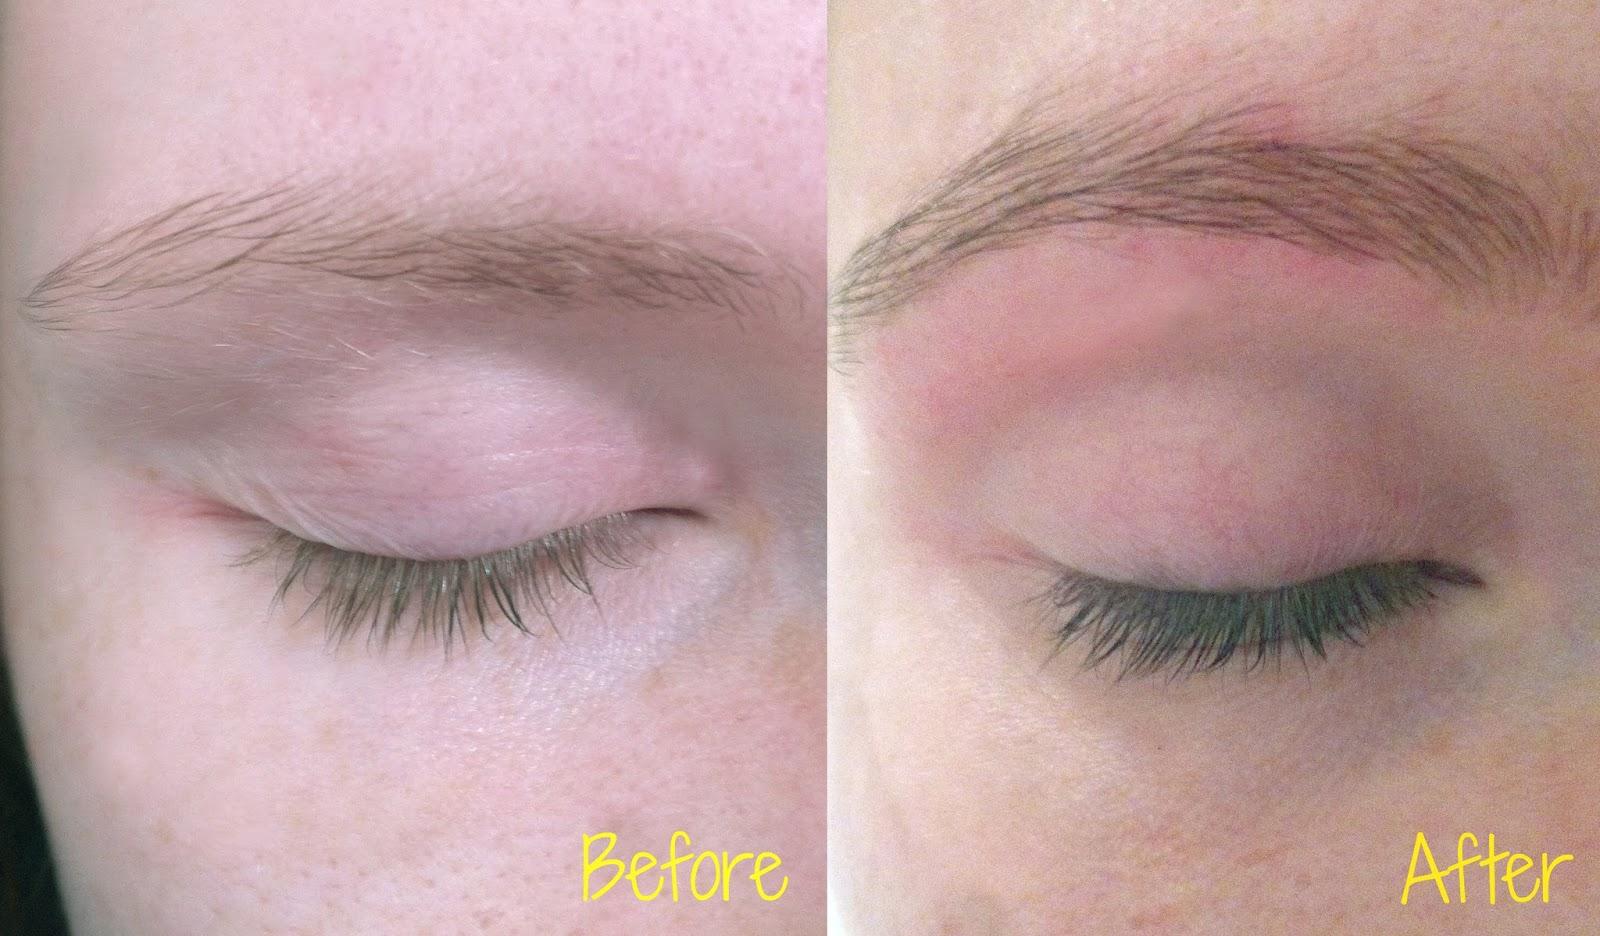 Banana Beauty: How To: Eyebrow and Eyelash Tinting